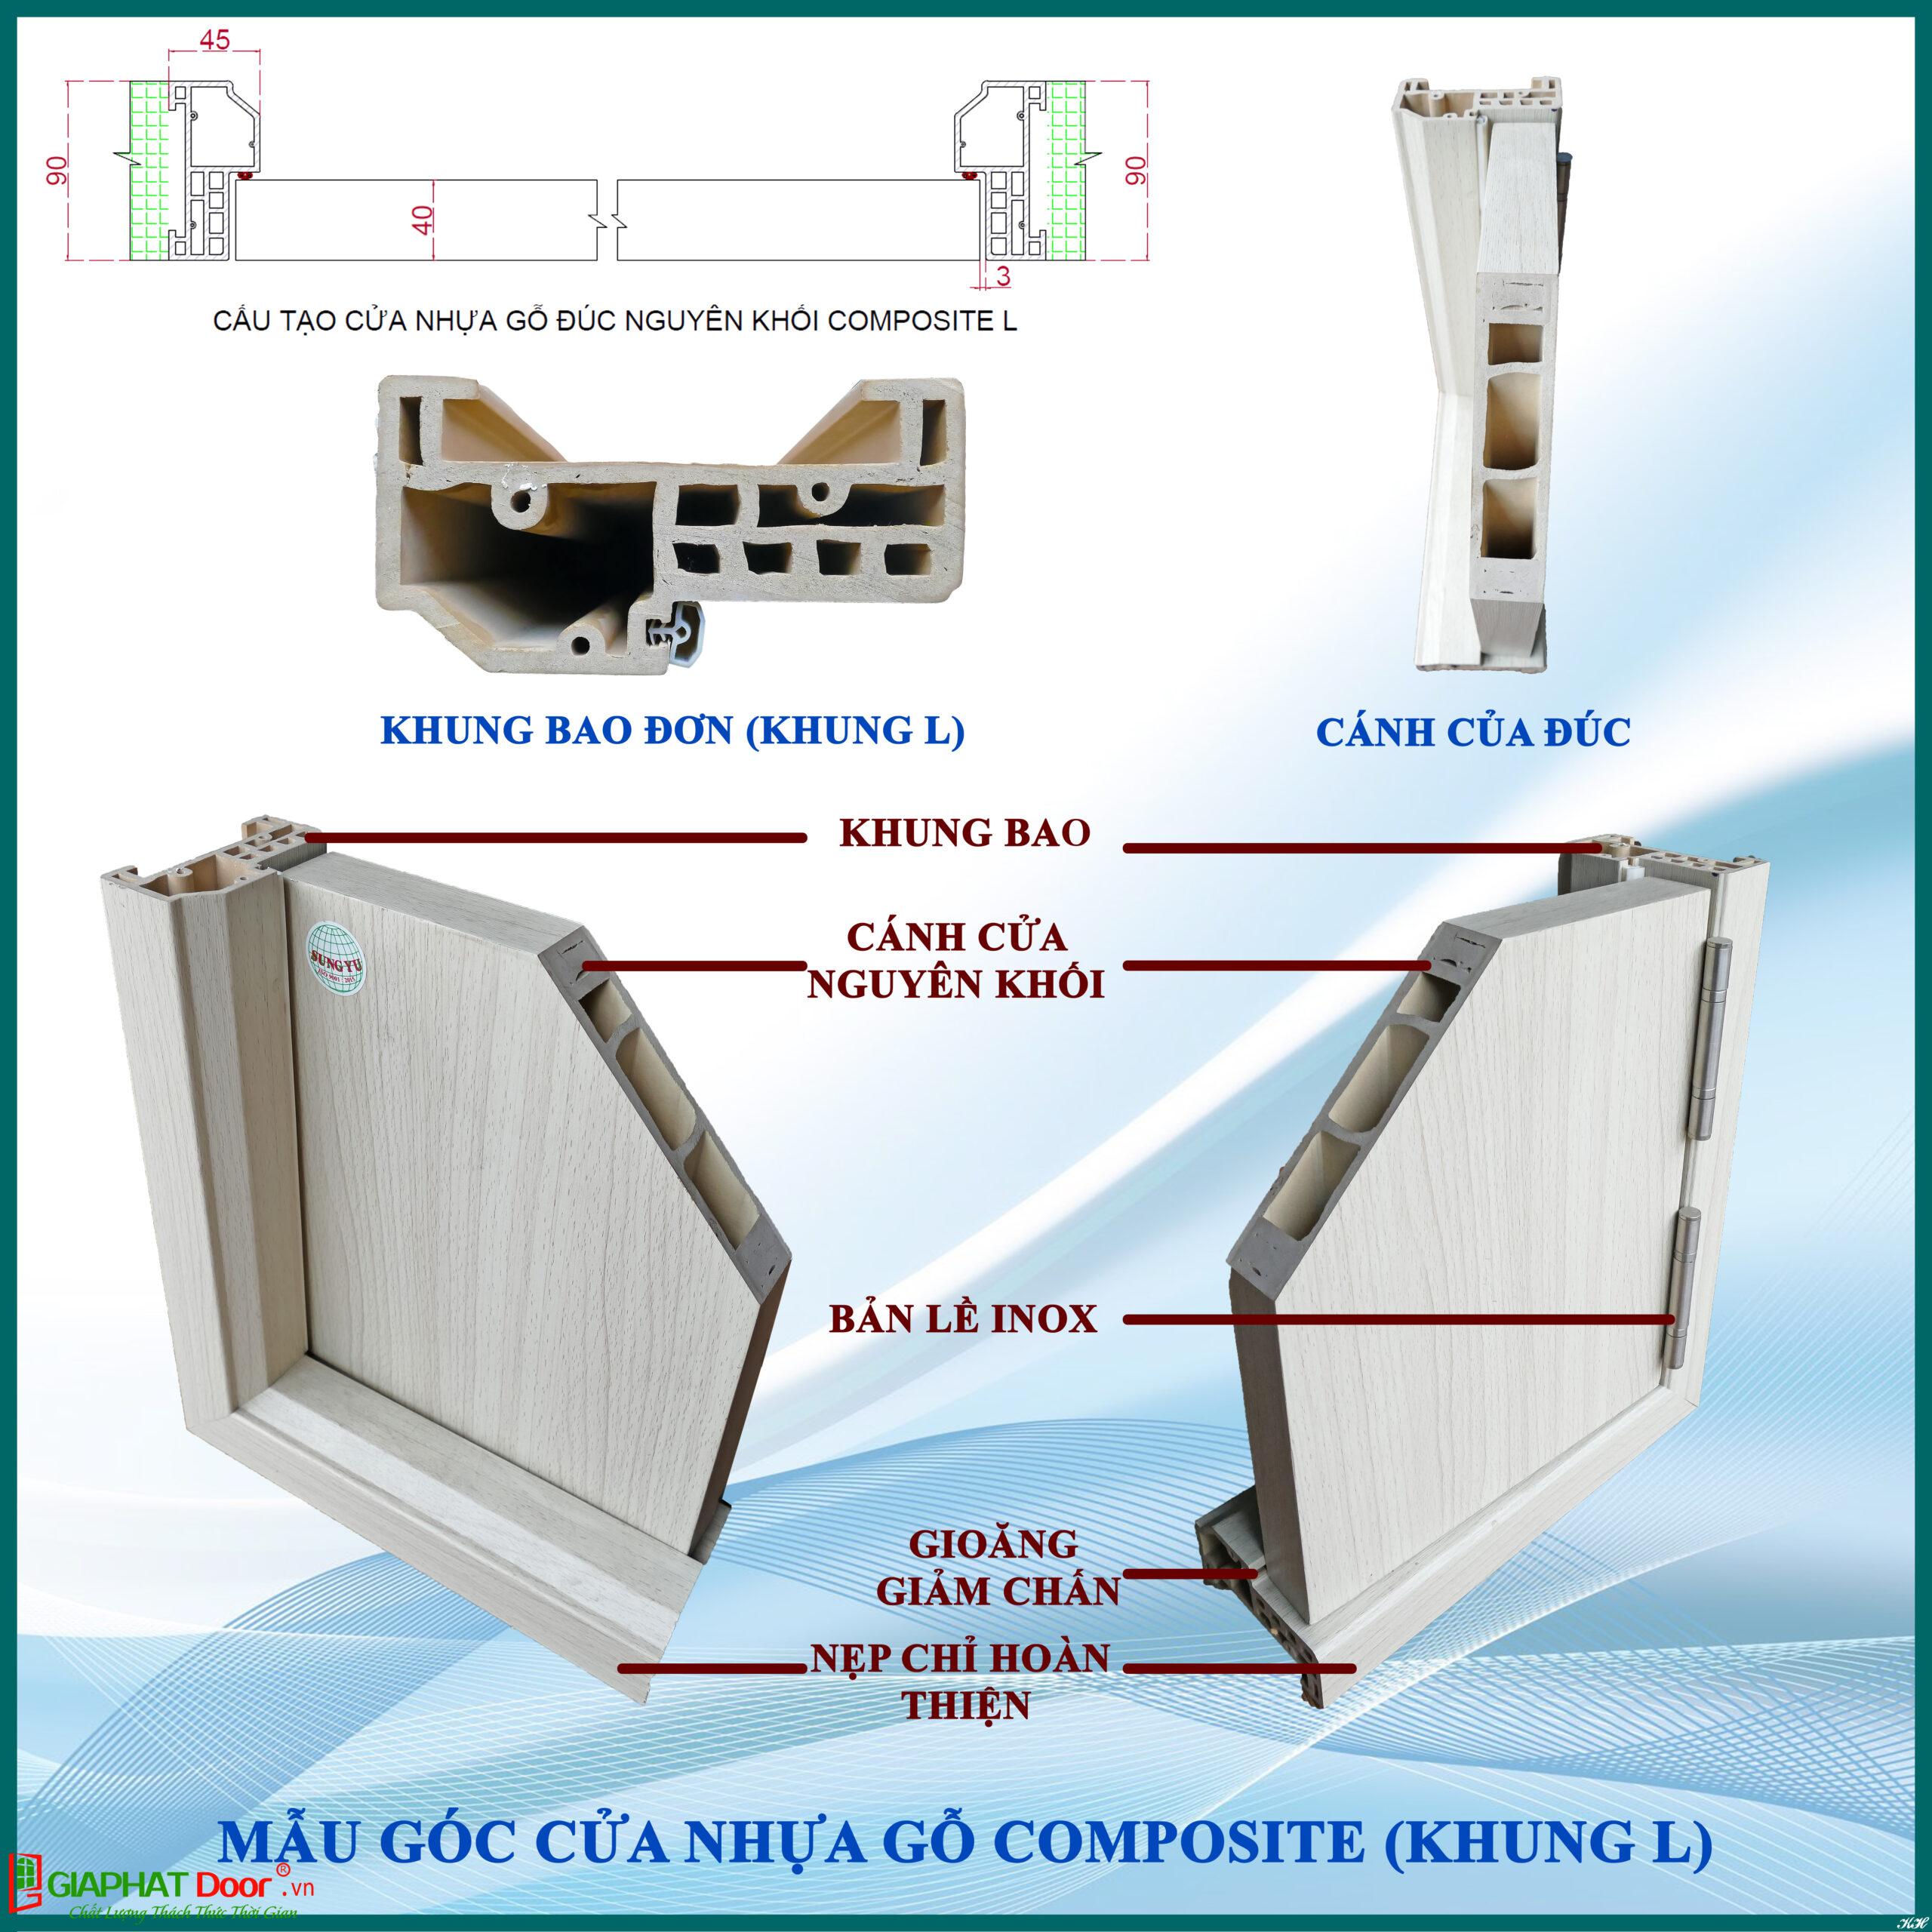 Phần cánh và khung cửa nhựa composite đều được đúc nguyên khối, có khoảng không cách âm ở lớp lõi mức trung bình